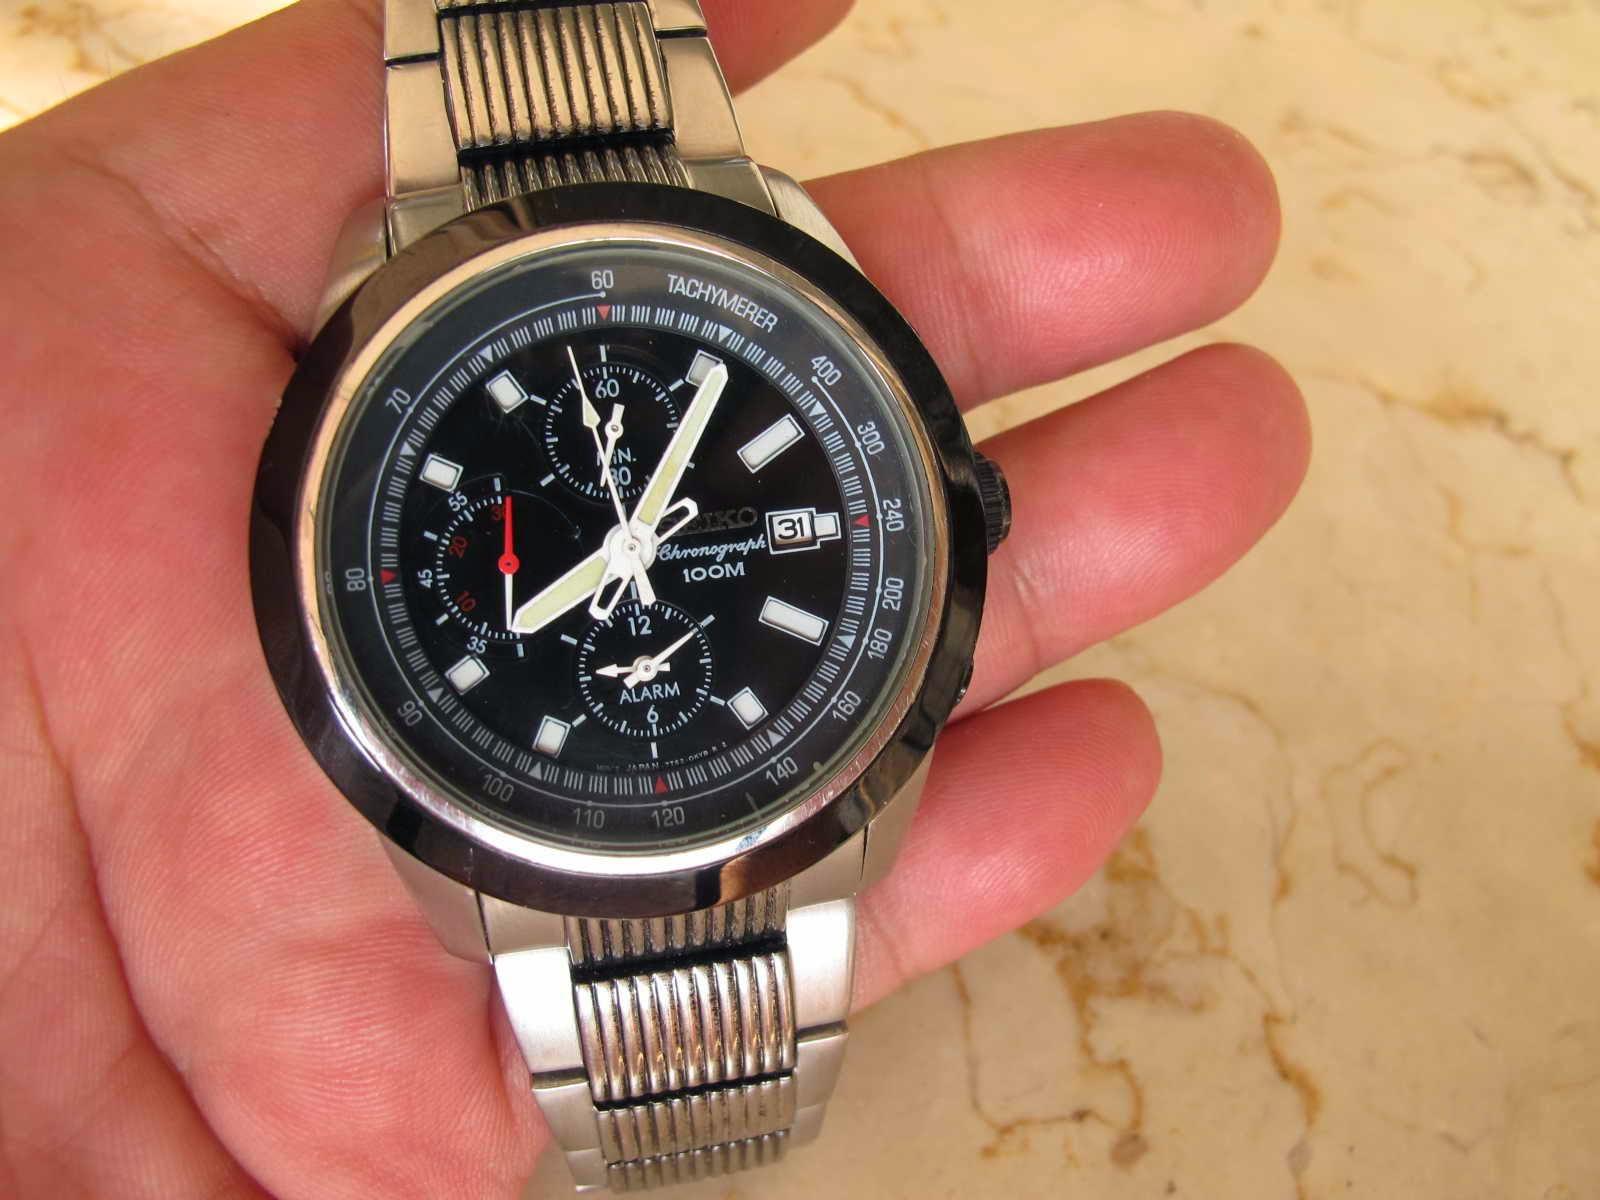 Kondisi jam baik rantai cukup untuk pergelangan tangan 17 cm Cocok untuk Anda yang sedang mencari jam tangan Japan made Chronograph Quartz